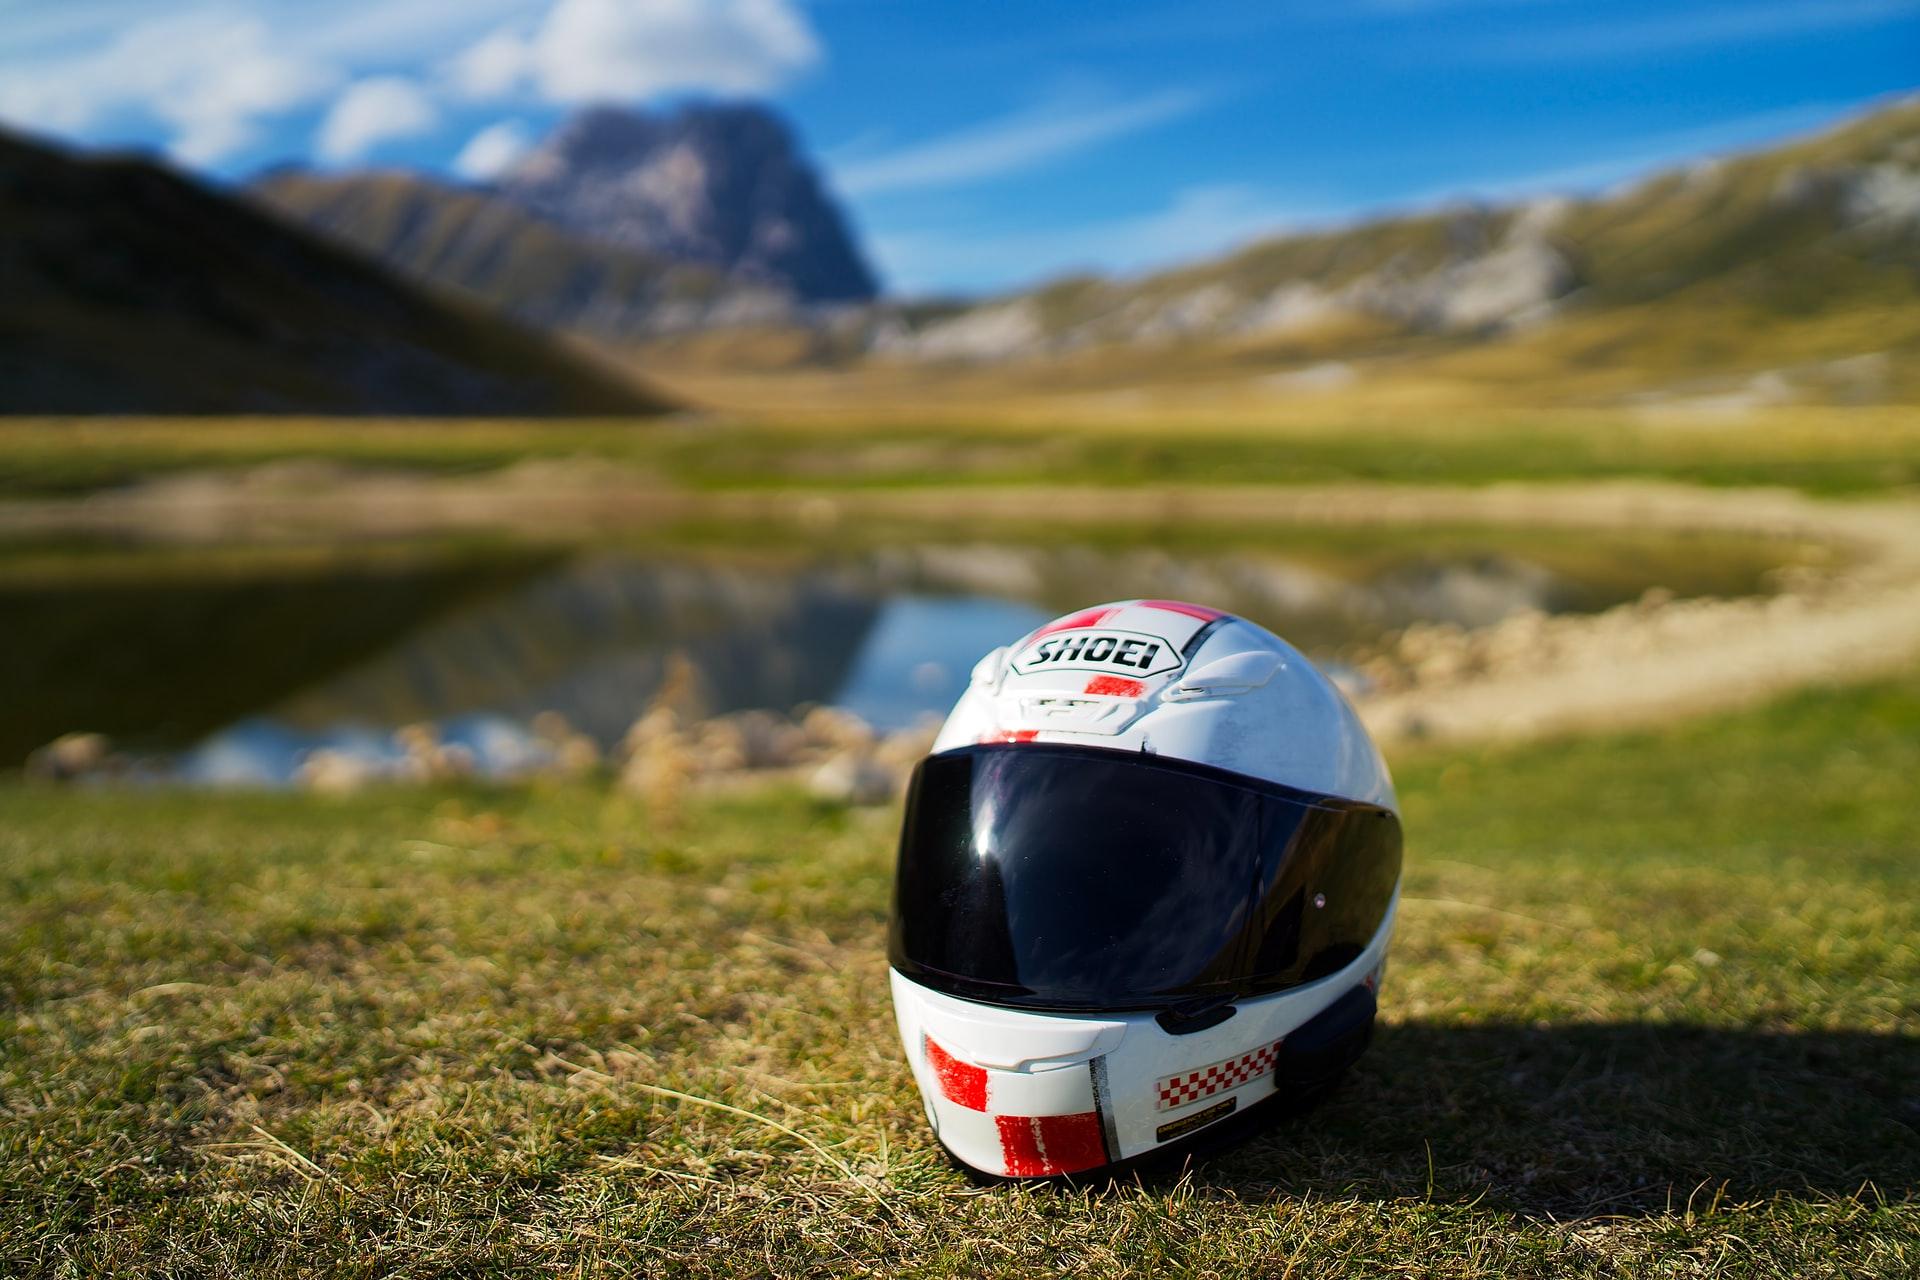 casco de moto en campo